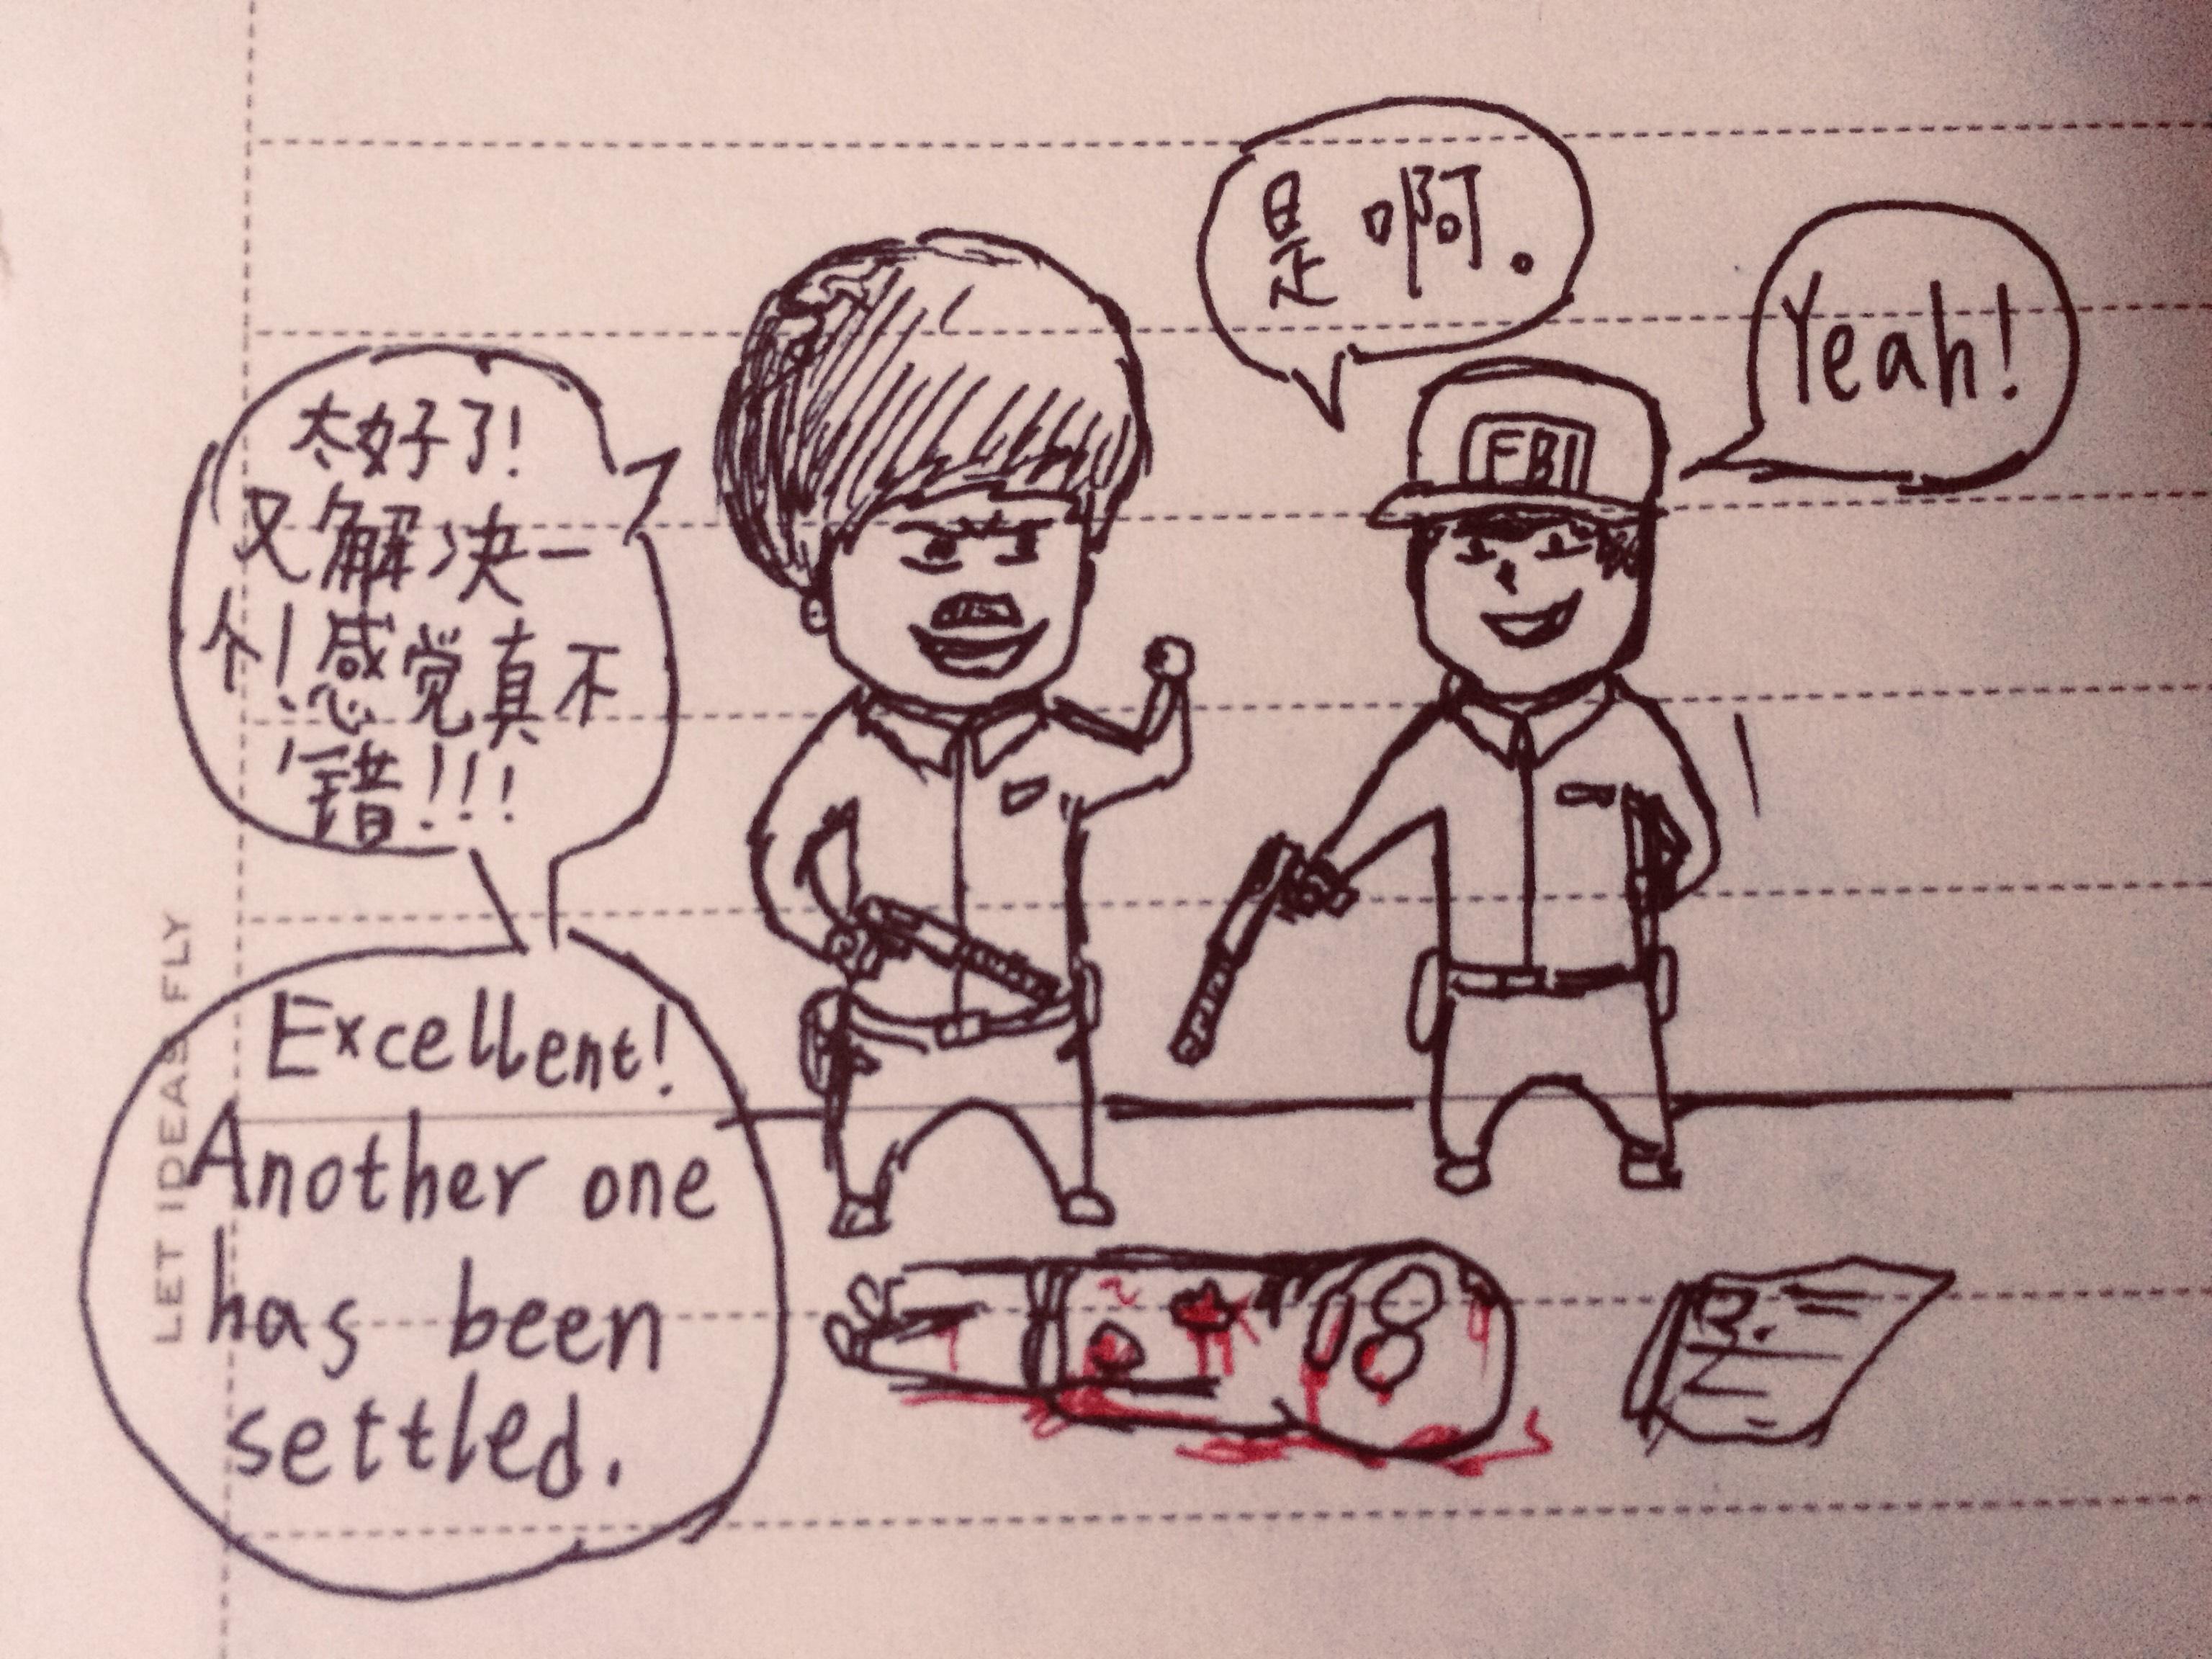 【Wulitou Cartoon】无厘头漫画